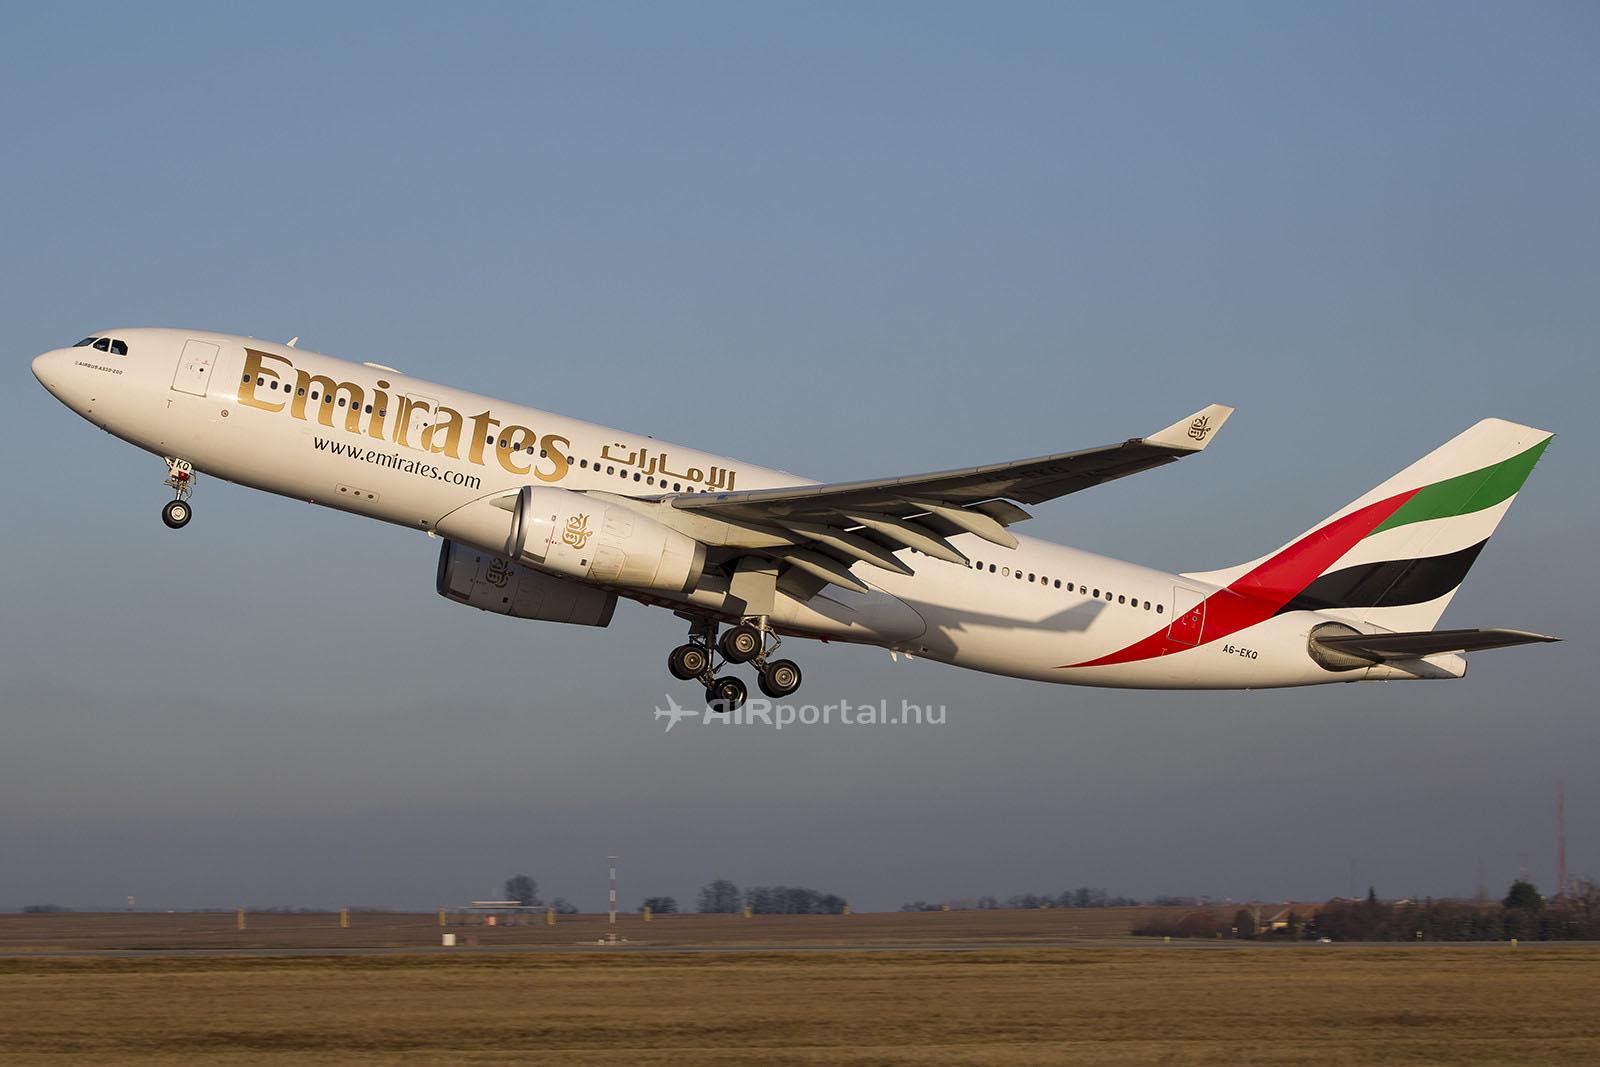 Airbus A350-es, vagy Boeing 787-es jöhet a régi A330-asok helyett. (Fotó: AIRportal.hu)   © AIRportal.hu